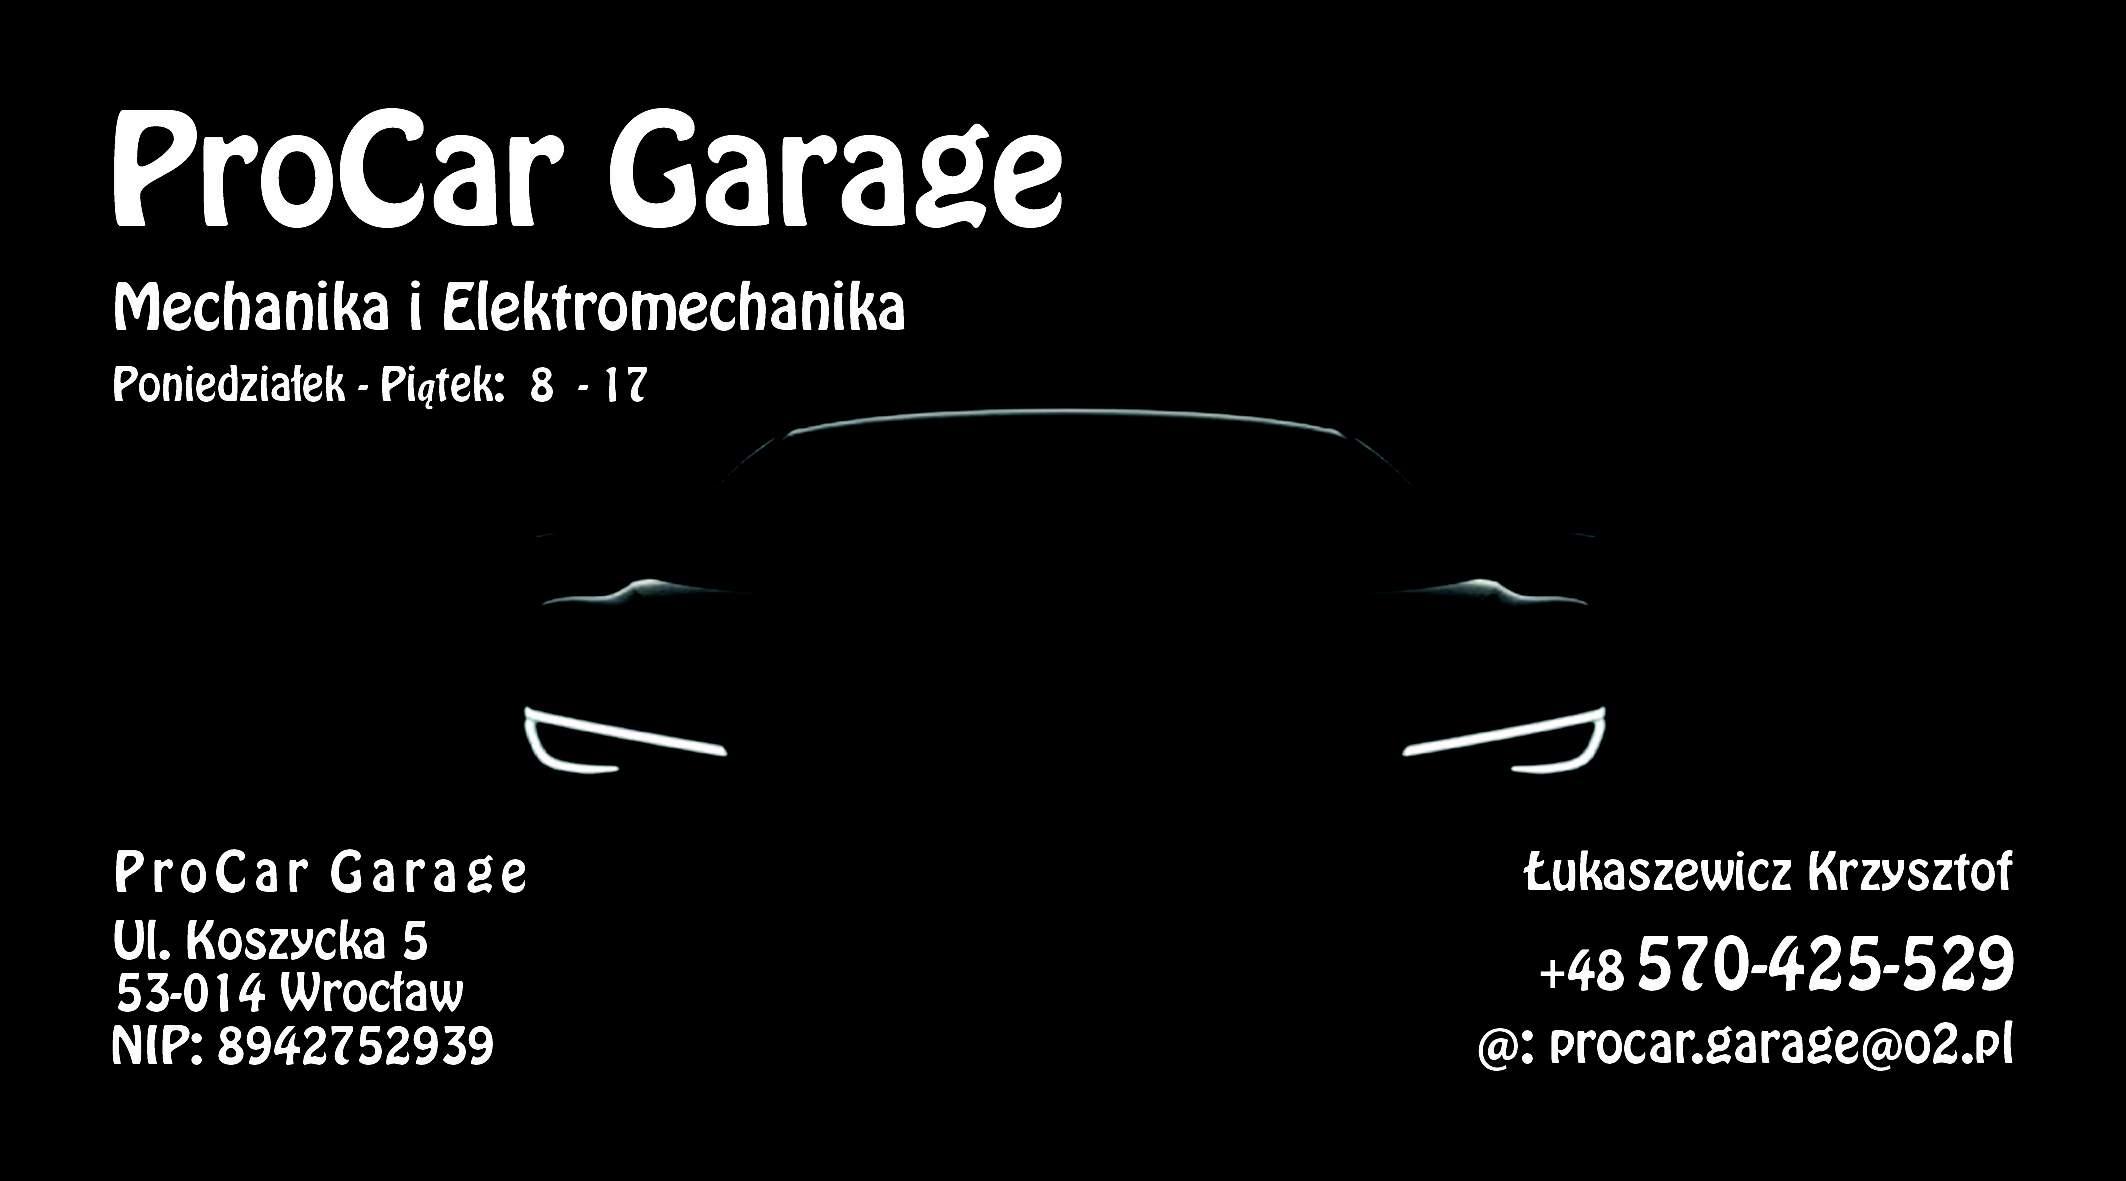 ProCar Garage - AutoSerwis